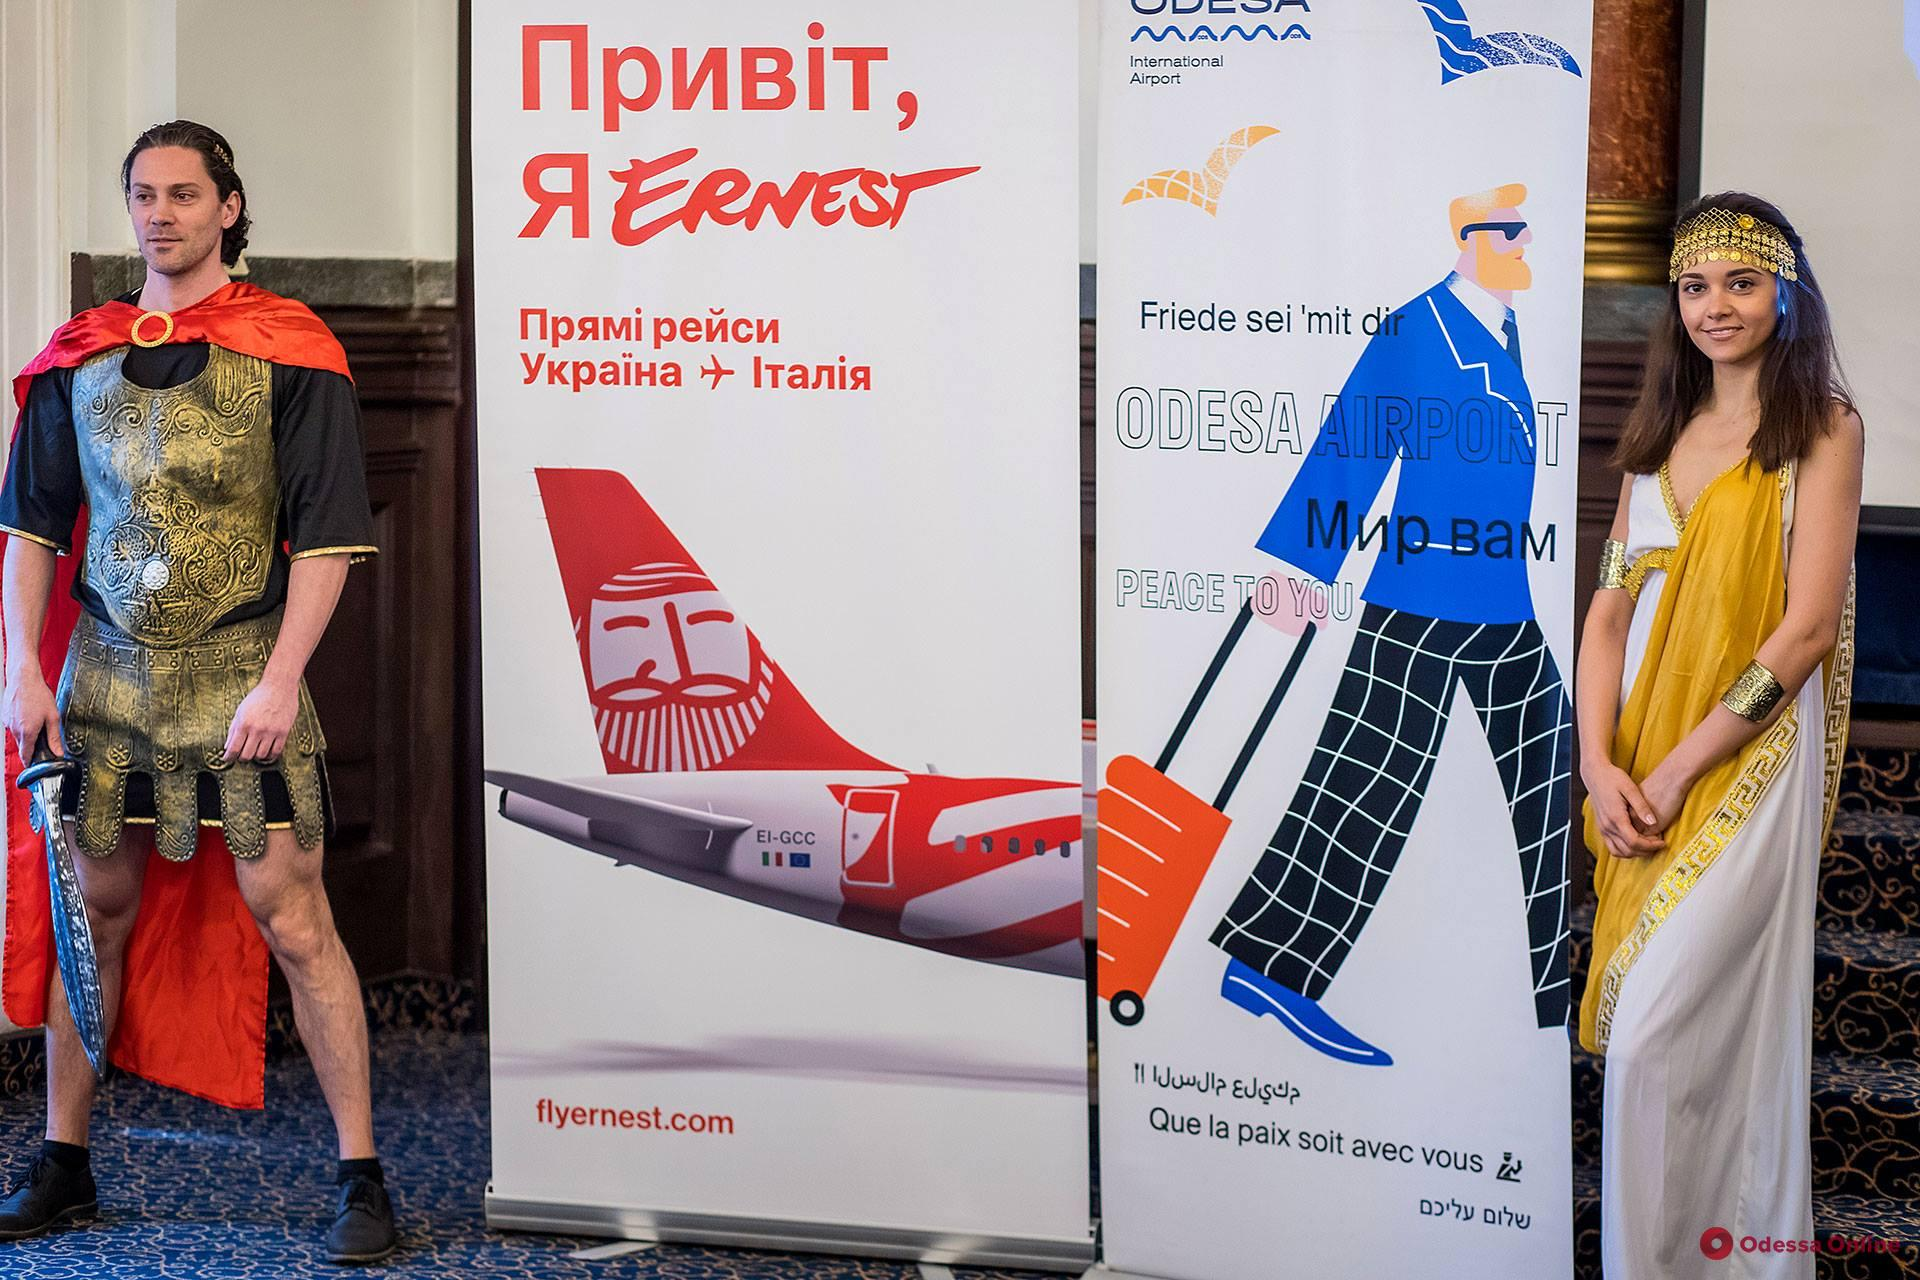 Одесский аэропорт заполонили «древние римляне» (видео)